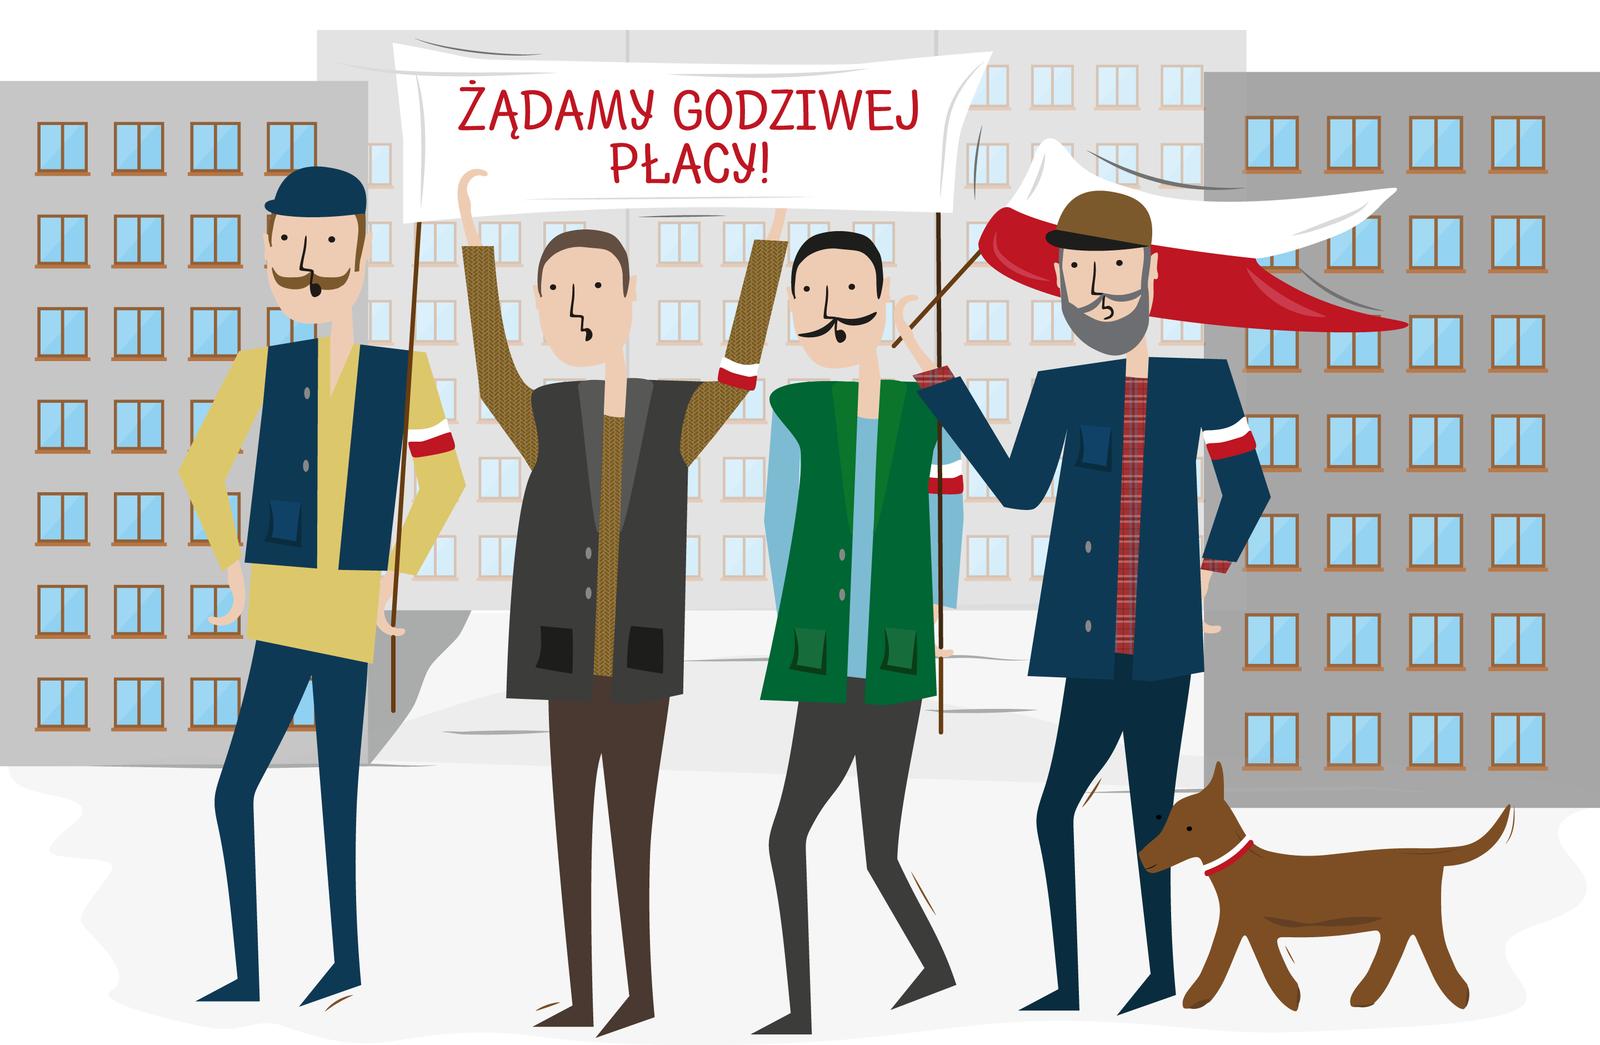 Sztandar Źródło: Contentplus.pl sp. zo.o., licencja: CC BY 3.0.